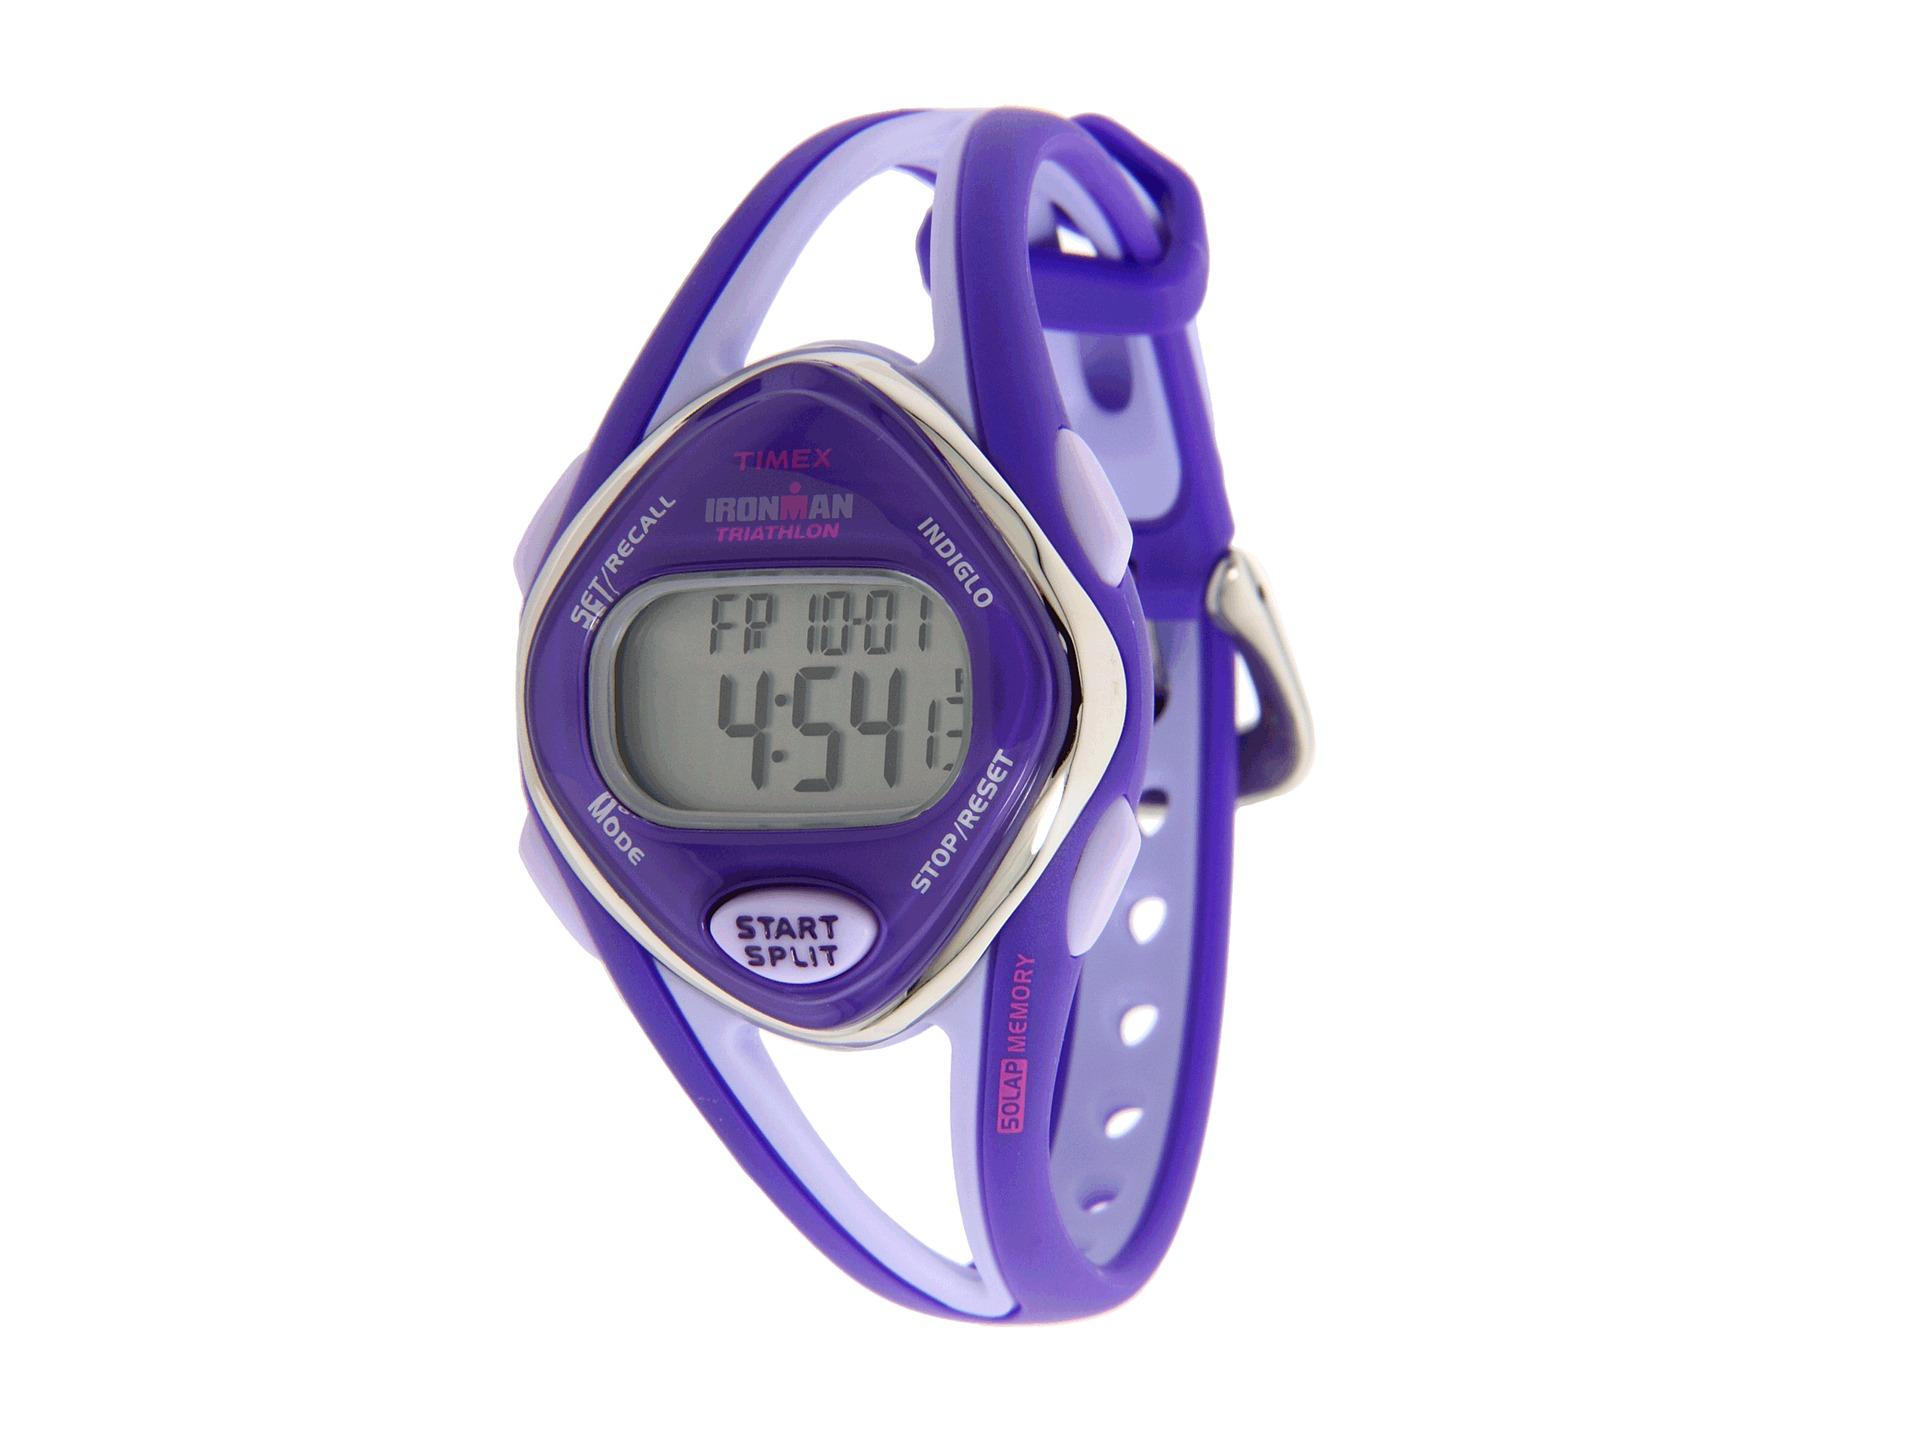 timex 174 purple ironman mid size sleek 50lap digital